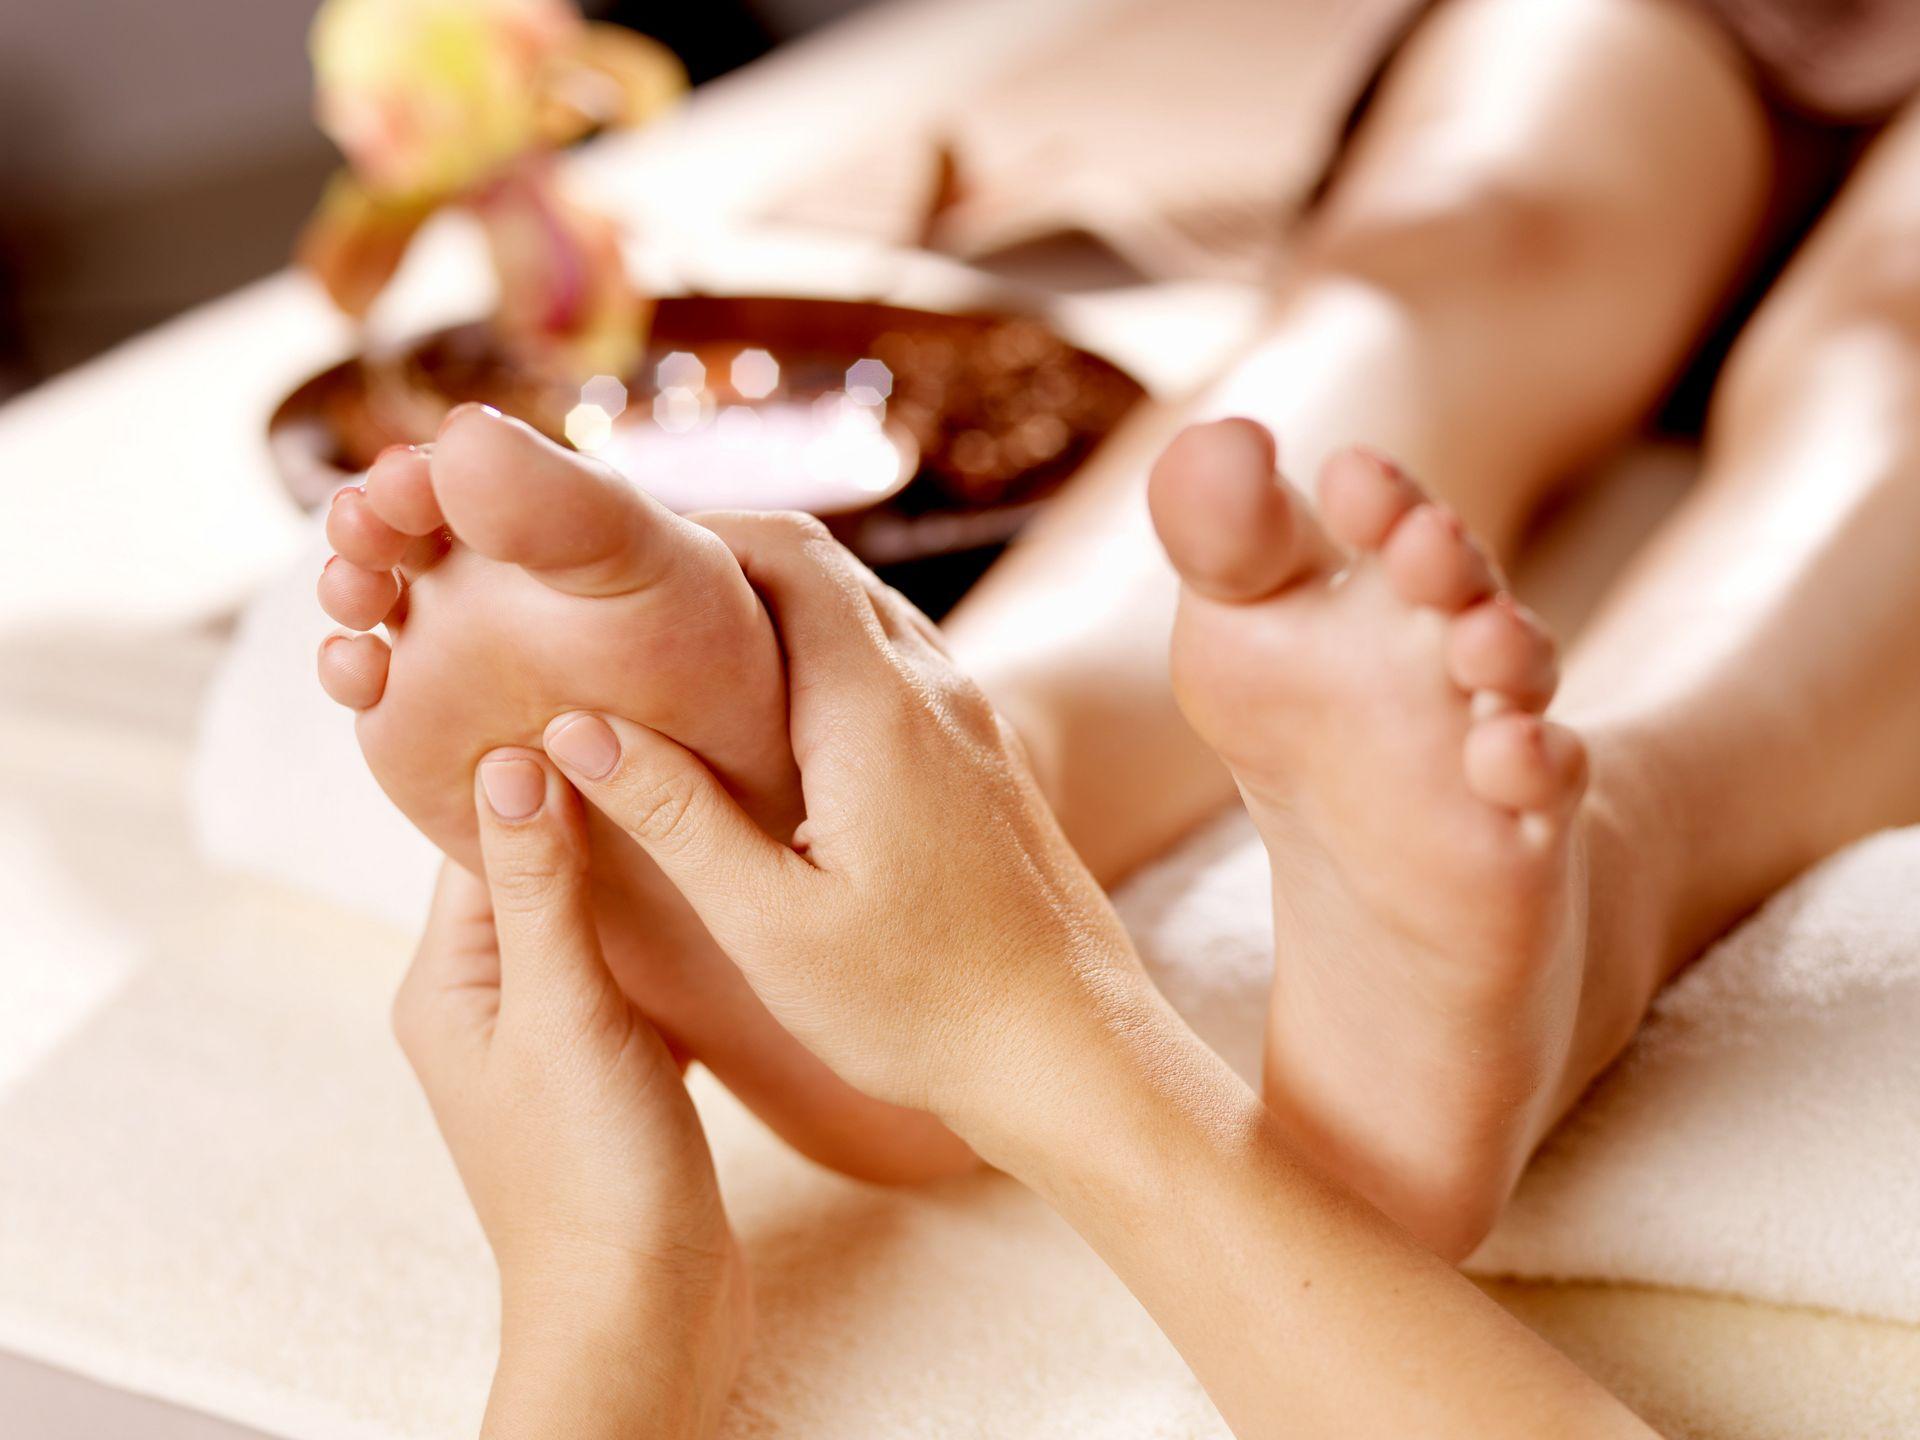 Fordított láb: egy másodperc a fájdalomtól és egy hét hosszú visszanyeréstől